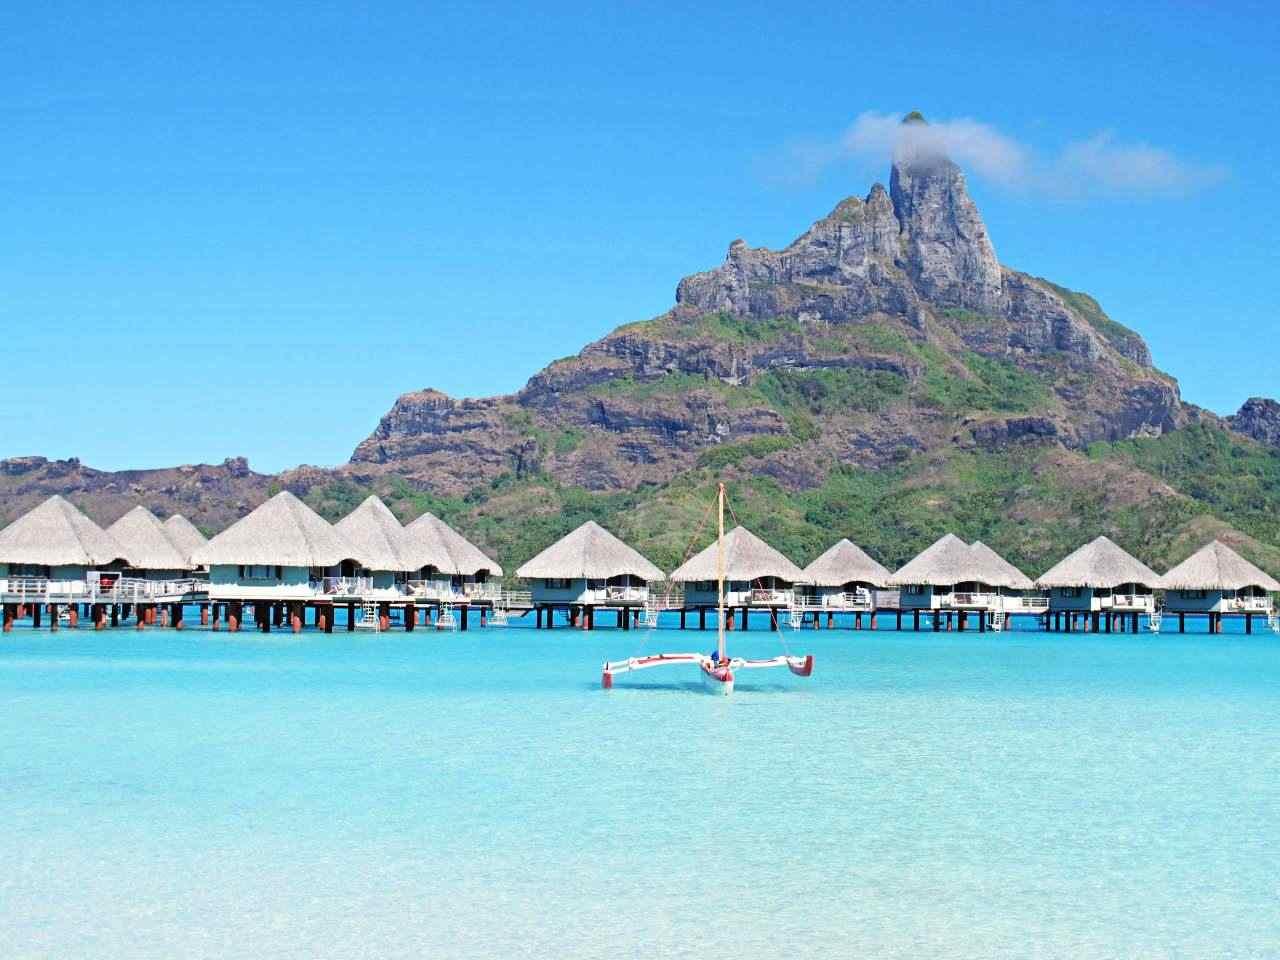 Le Meridien - Bora Bora